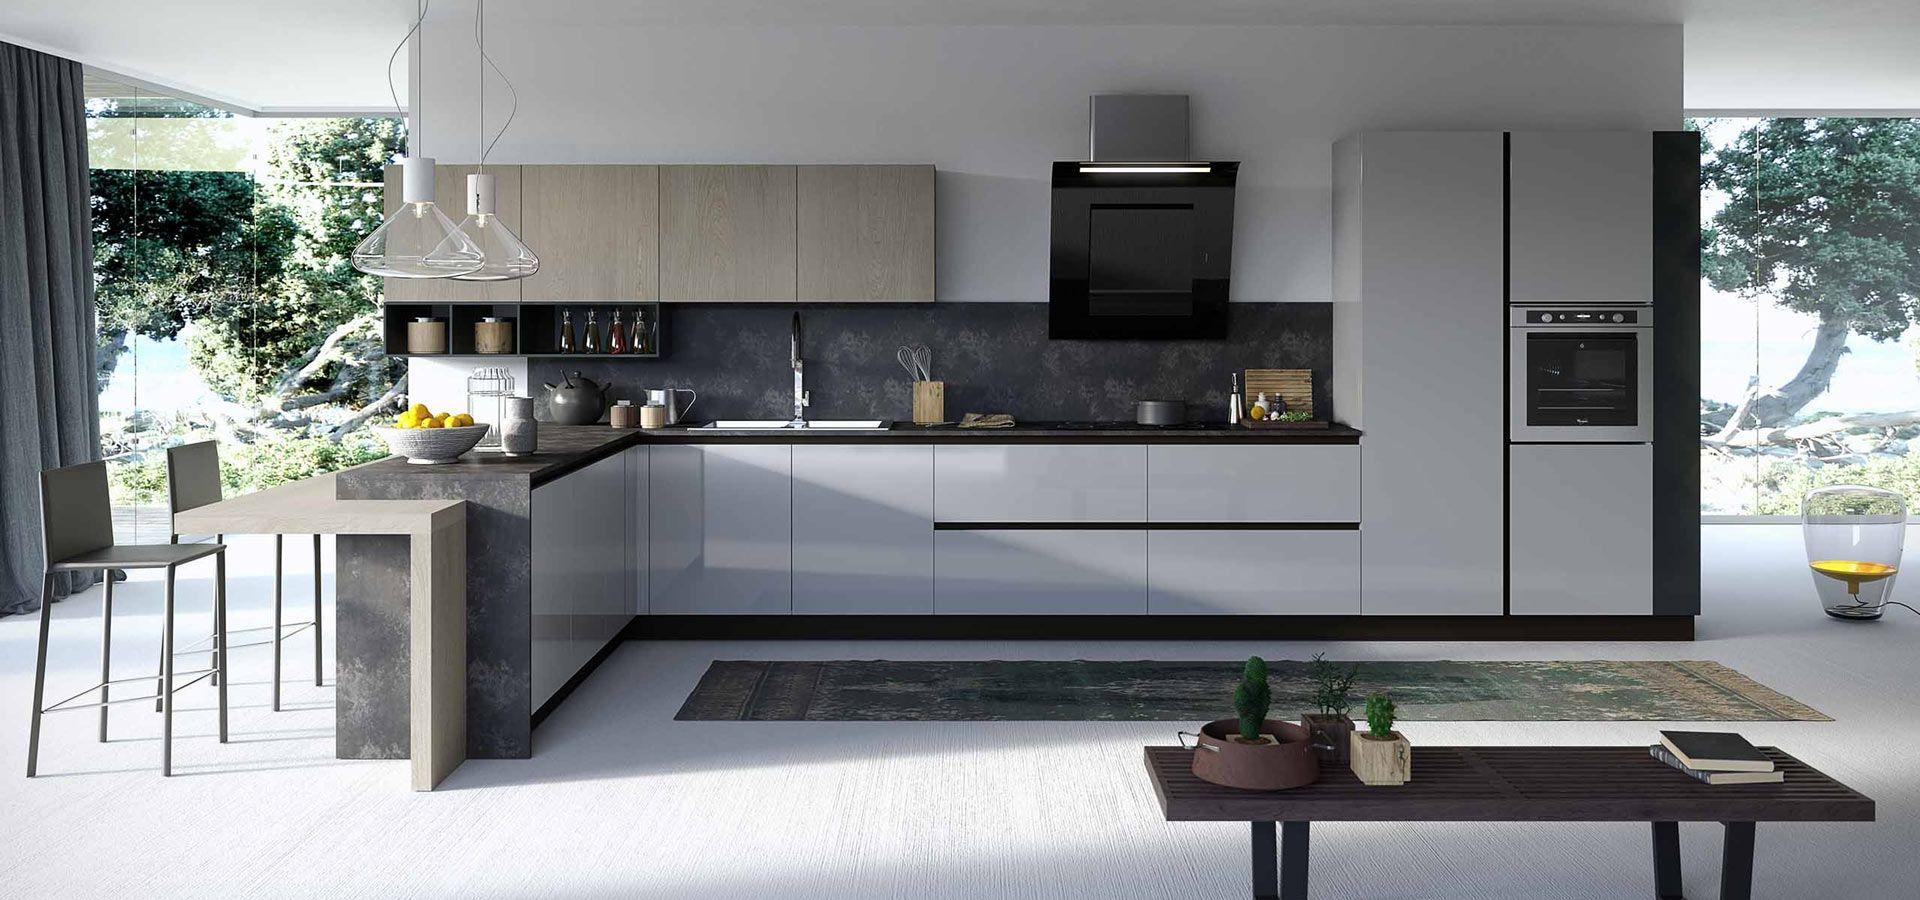 Descubra la cocina moderna Round, un modelo de cocina modular con ...